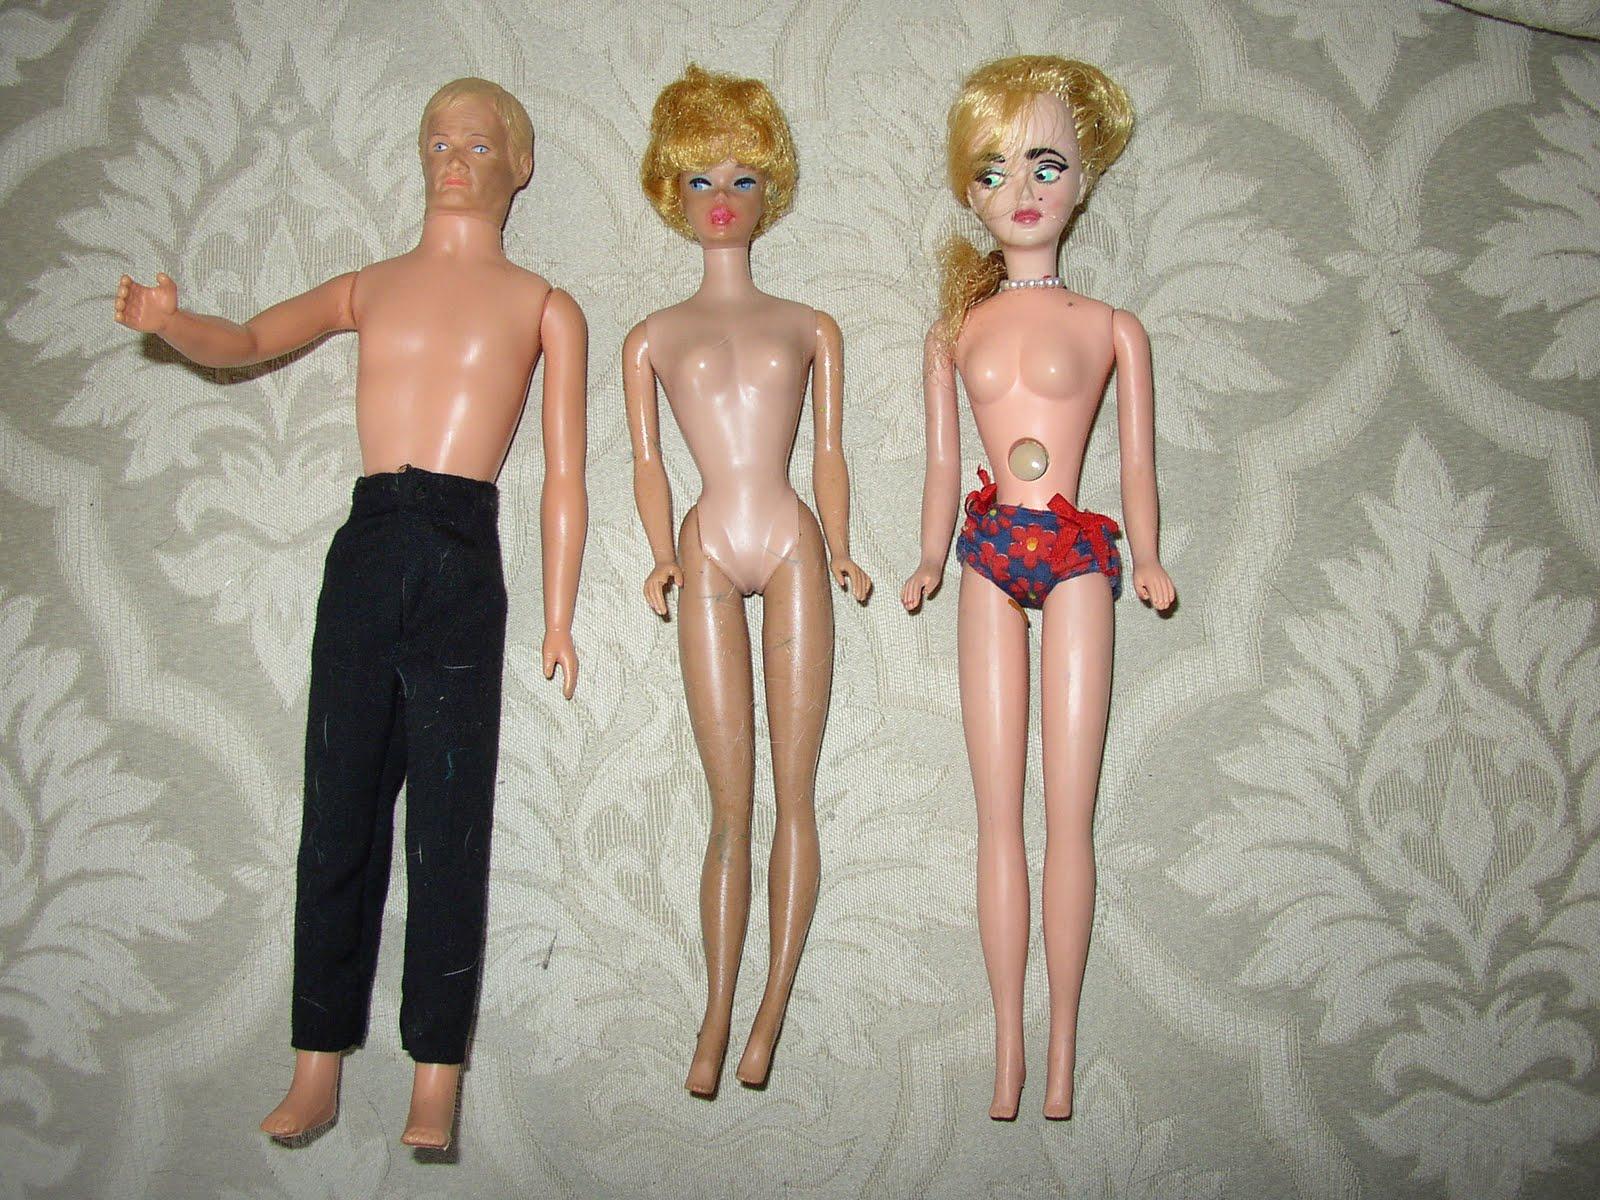 Oldie barbie